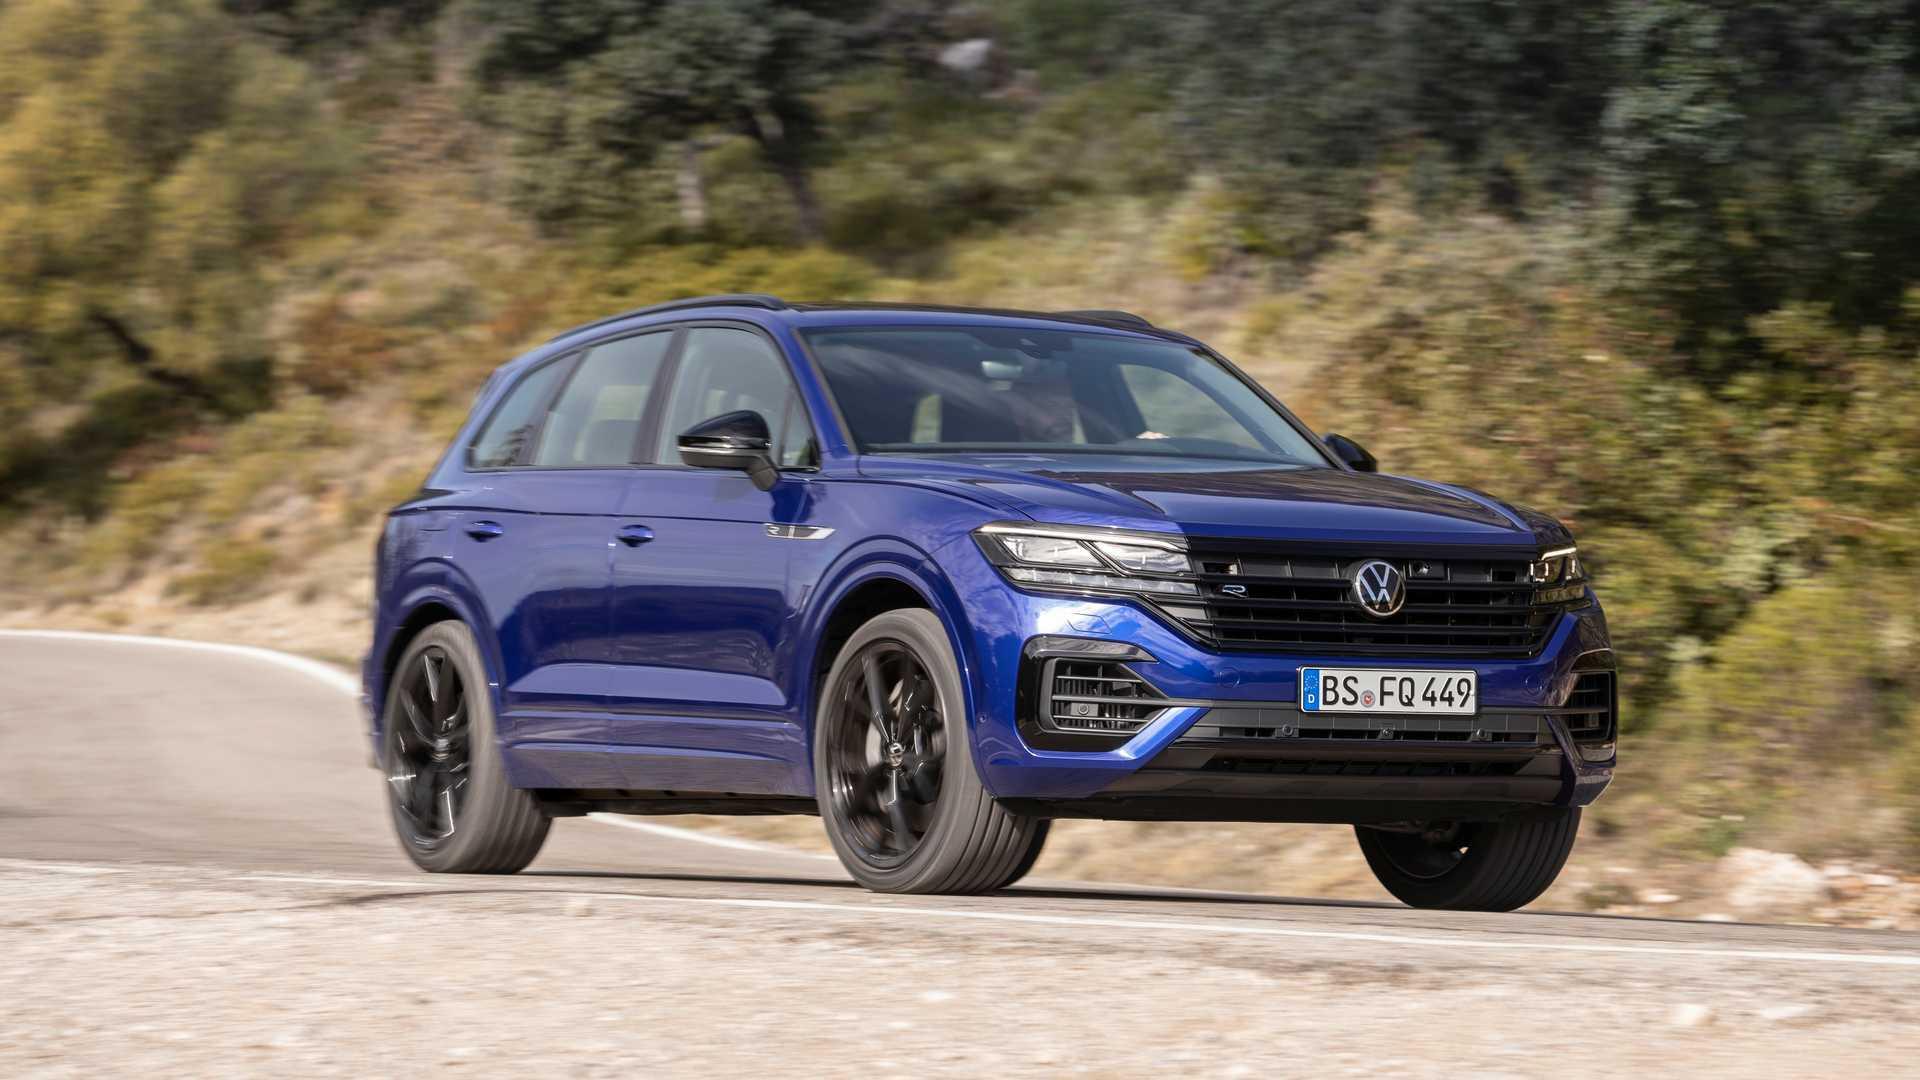 Volkswagen Touareg R Новинка станет третьей моделью с PHEV в европейской семье VW после Golf и Passat GTE